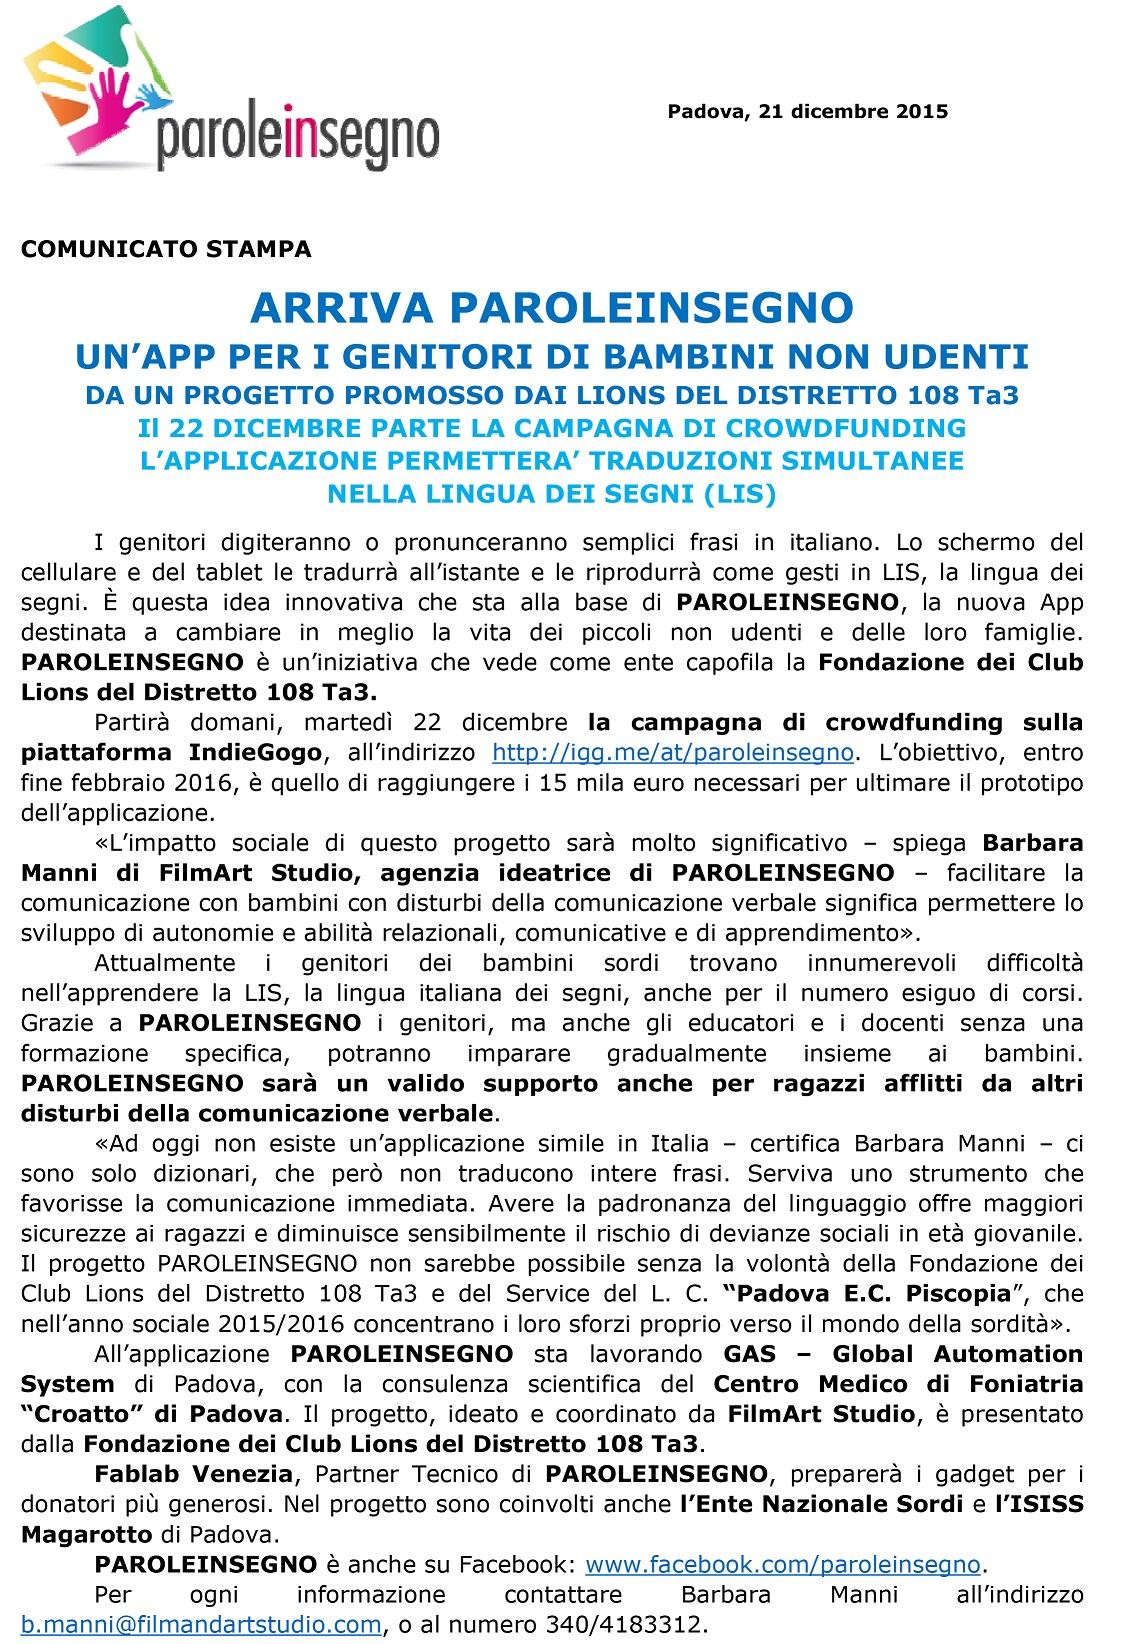 Padova E.C.Piscopia-unapp per tradurre in LIS